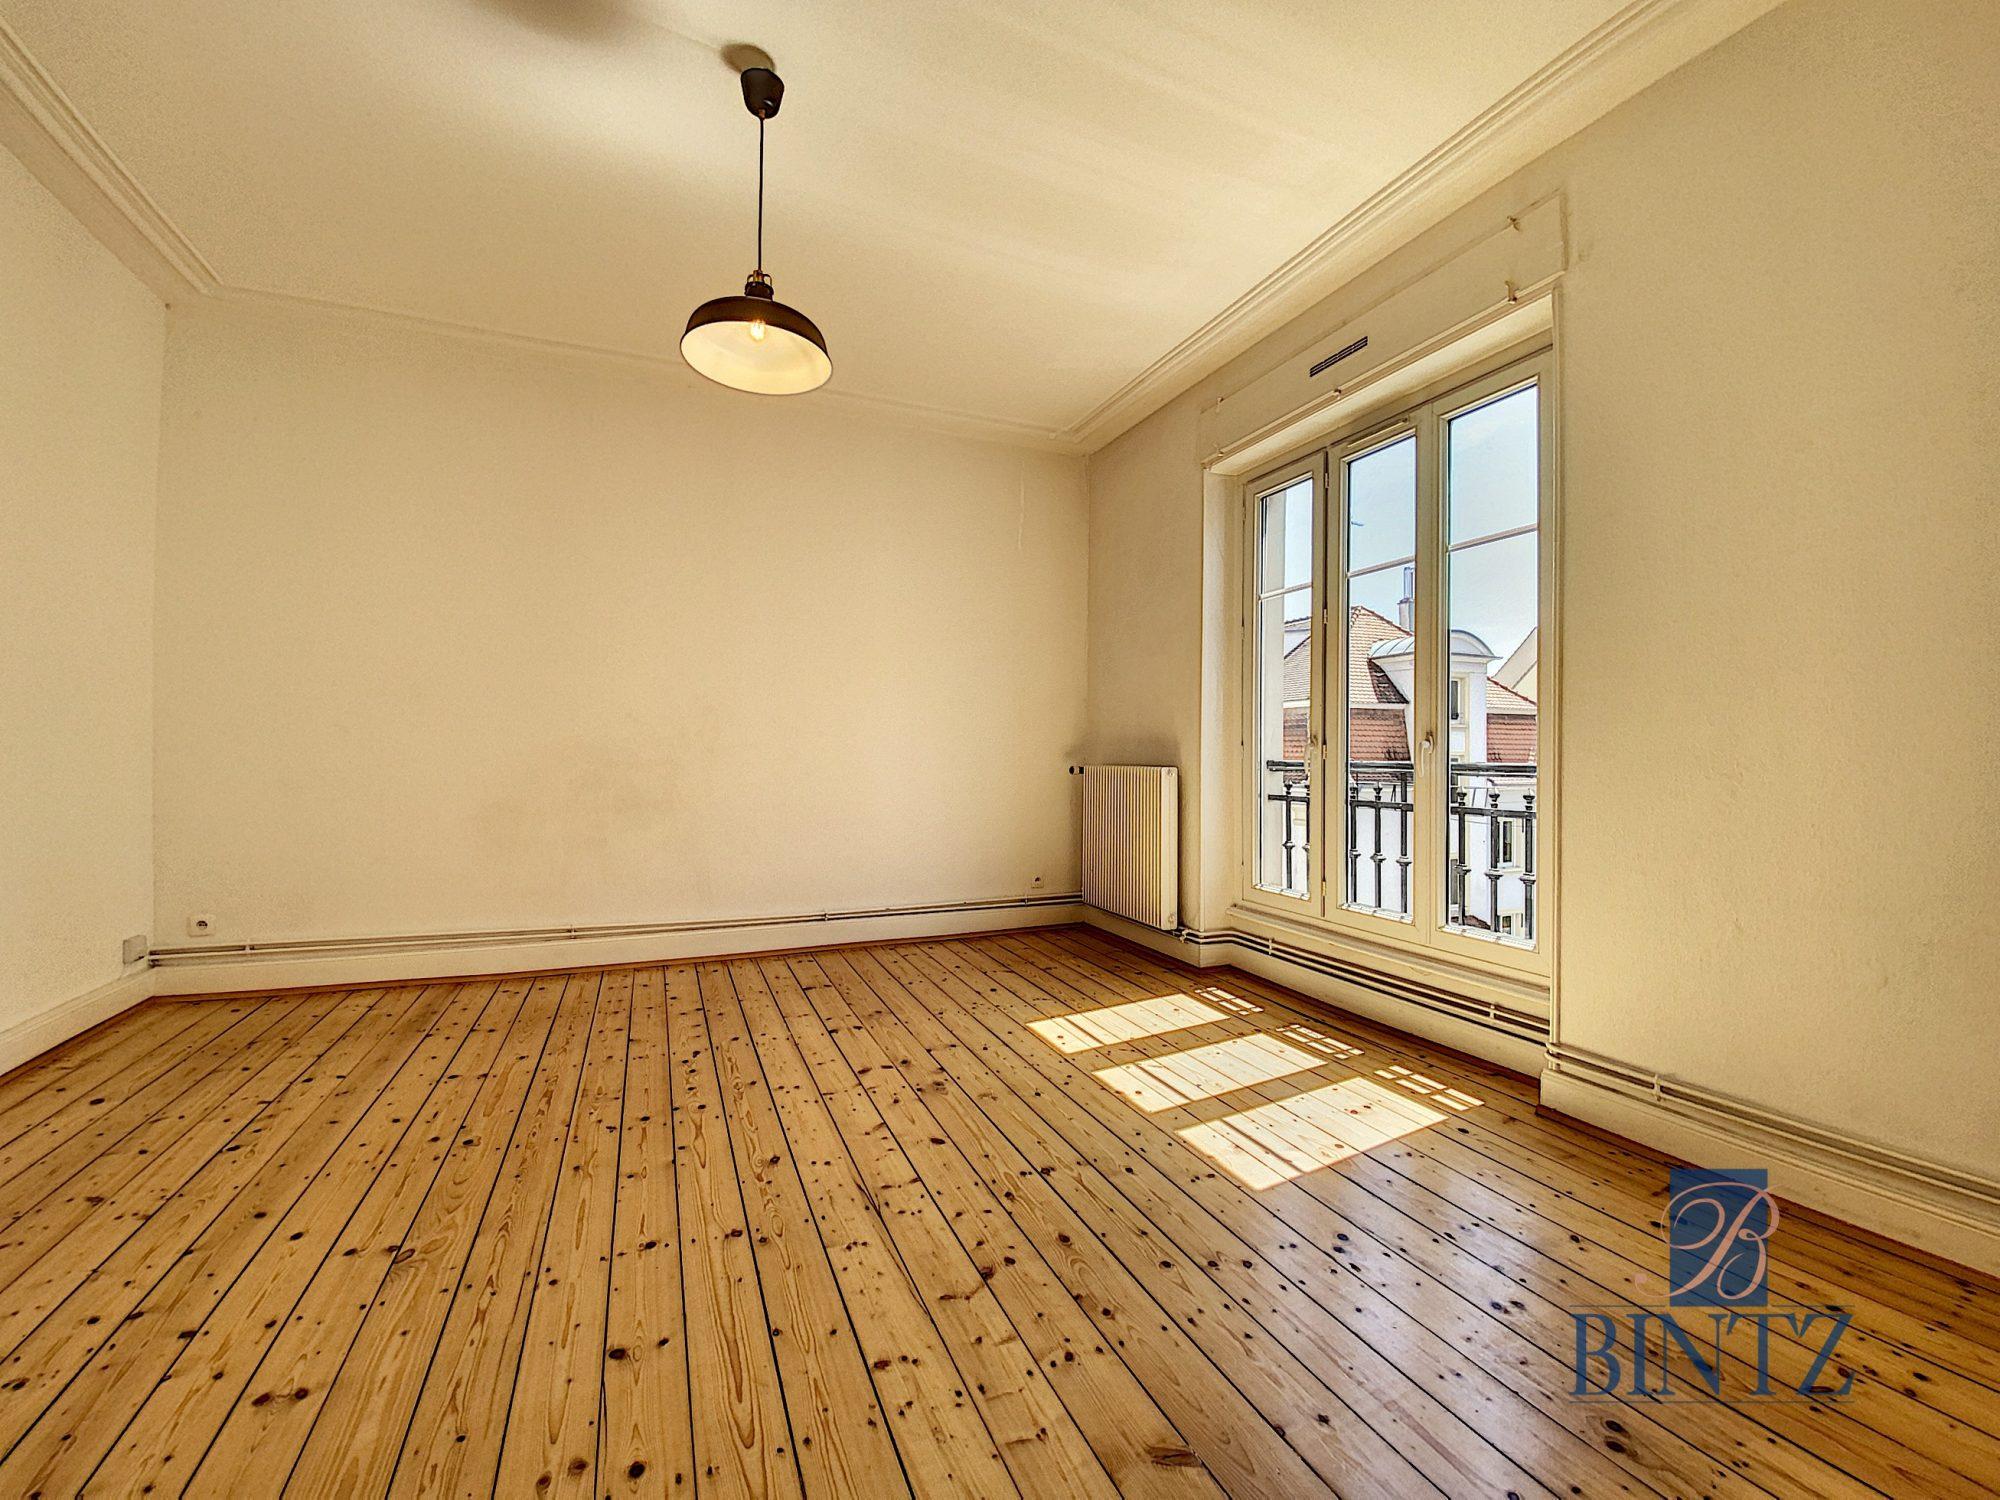 2 PIÈCES NEUDORF - Devenez locataire en toute sérénité - Bintz Immobilier - 11